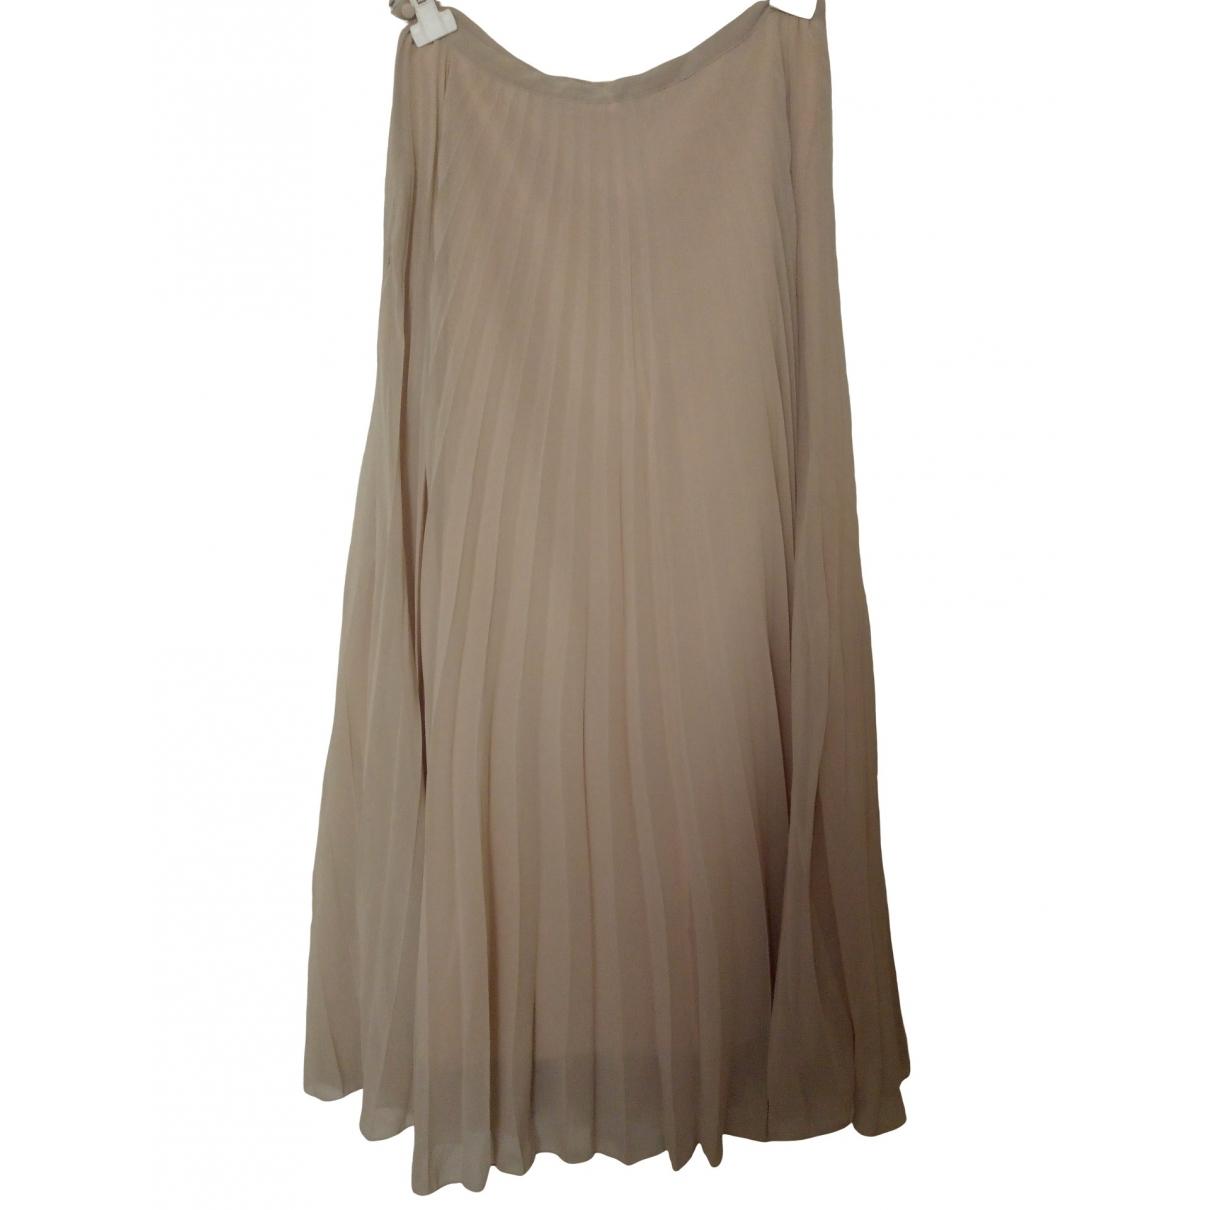 Zara \N Beige skirt for Women M International